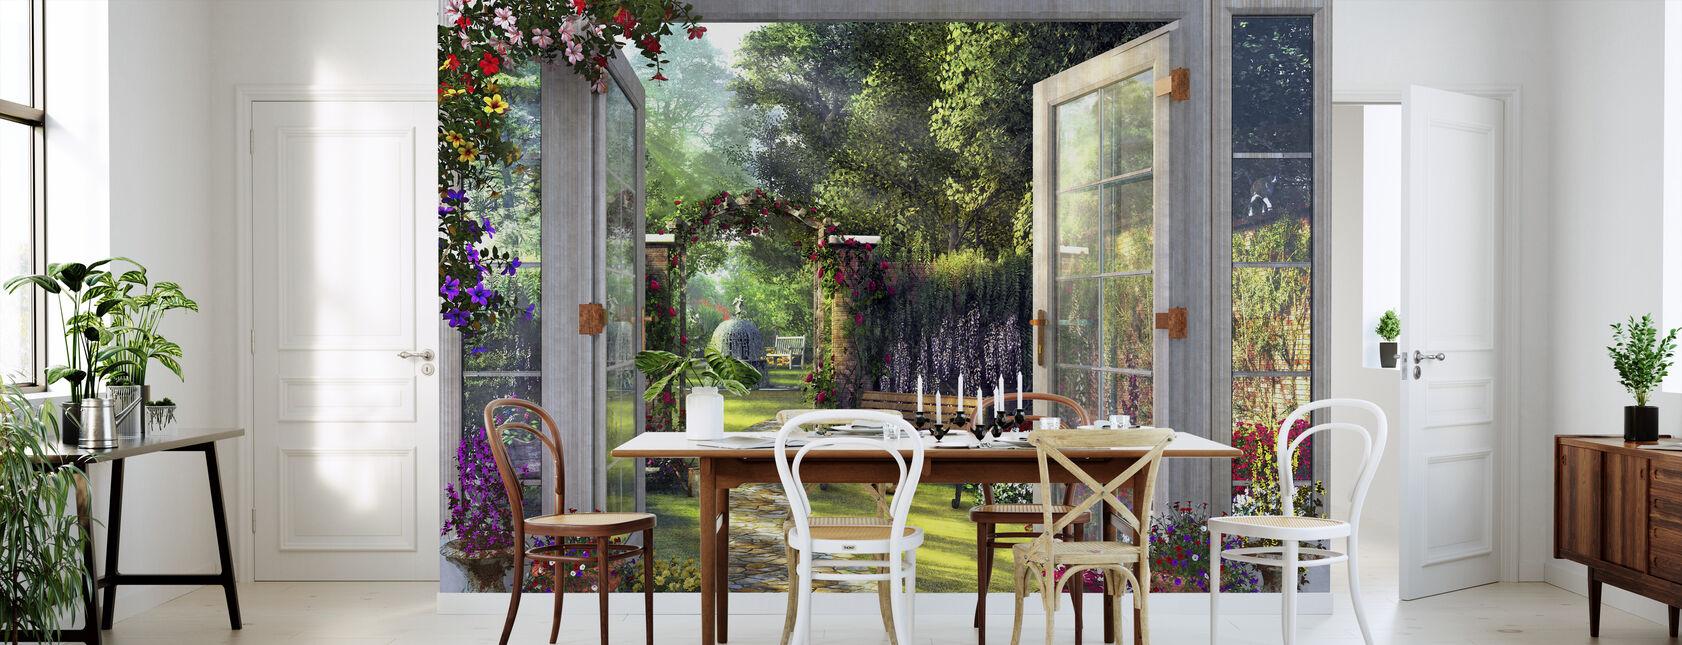 Garden View - Wallpaper - Kitchen